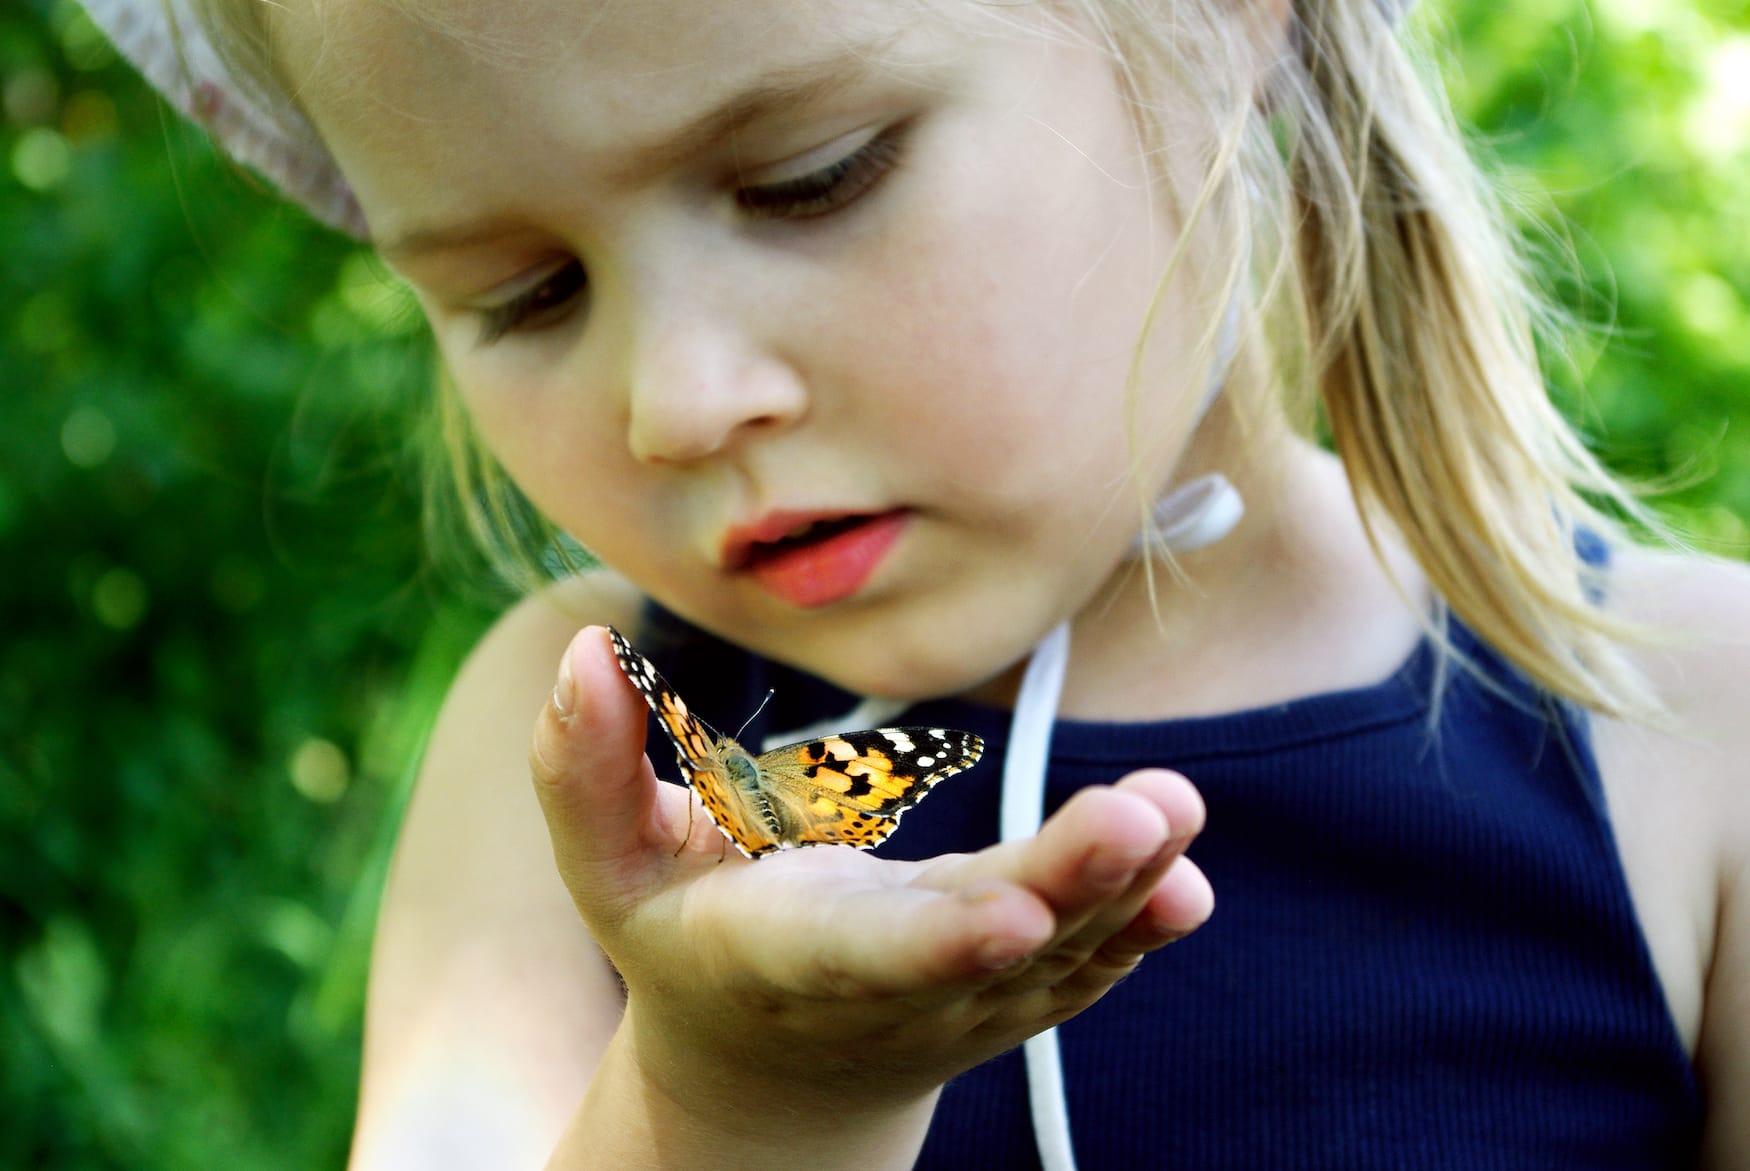 Schmetterlinge sitzt auf Hand eines Mädchens